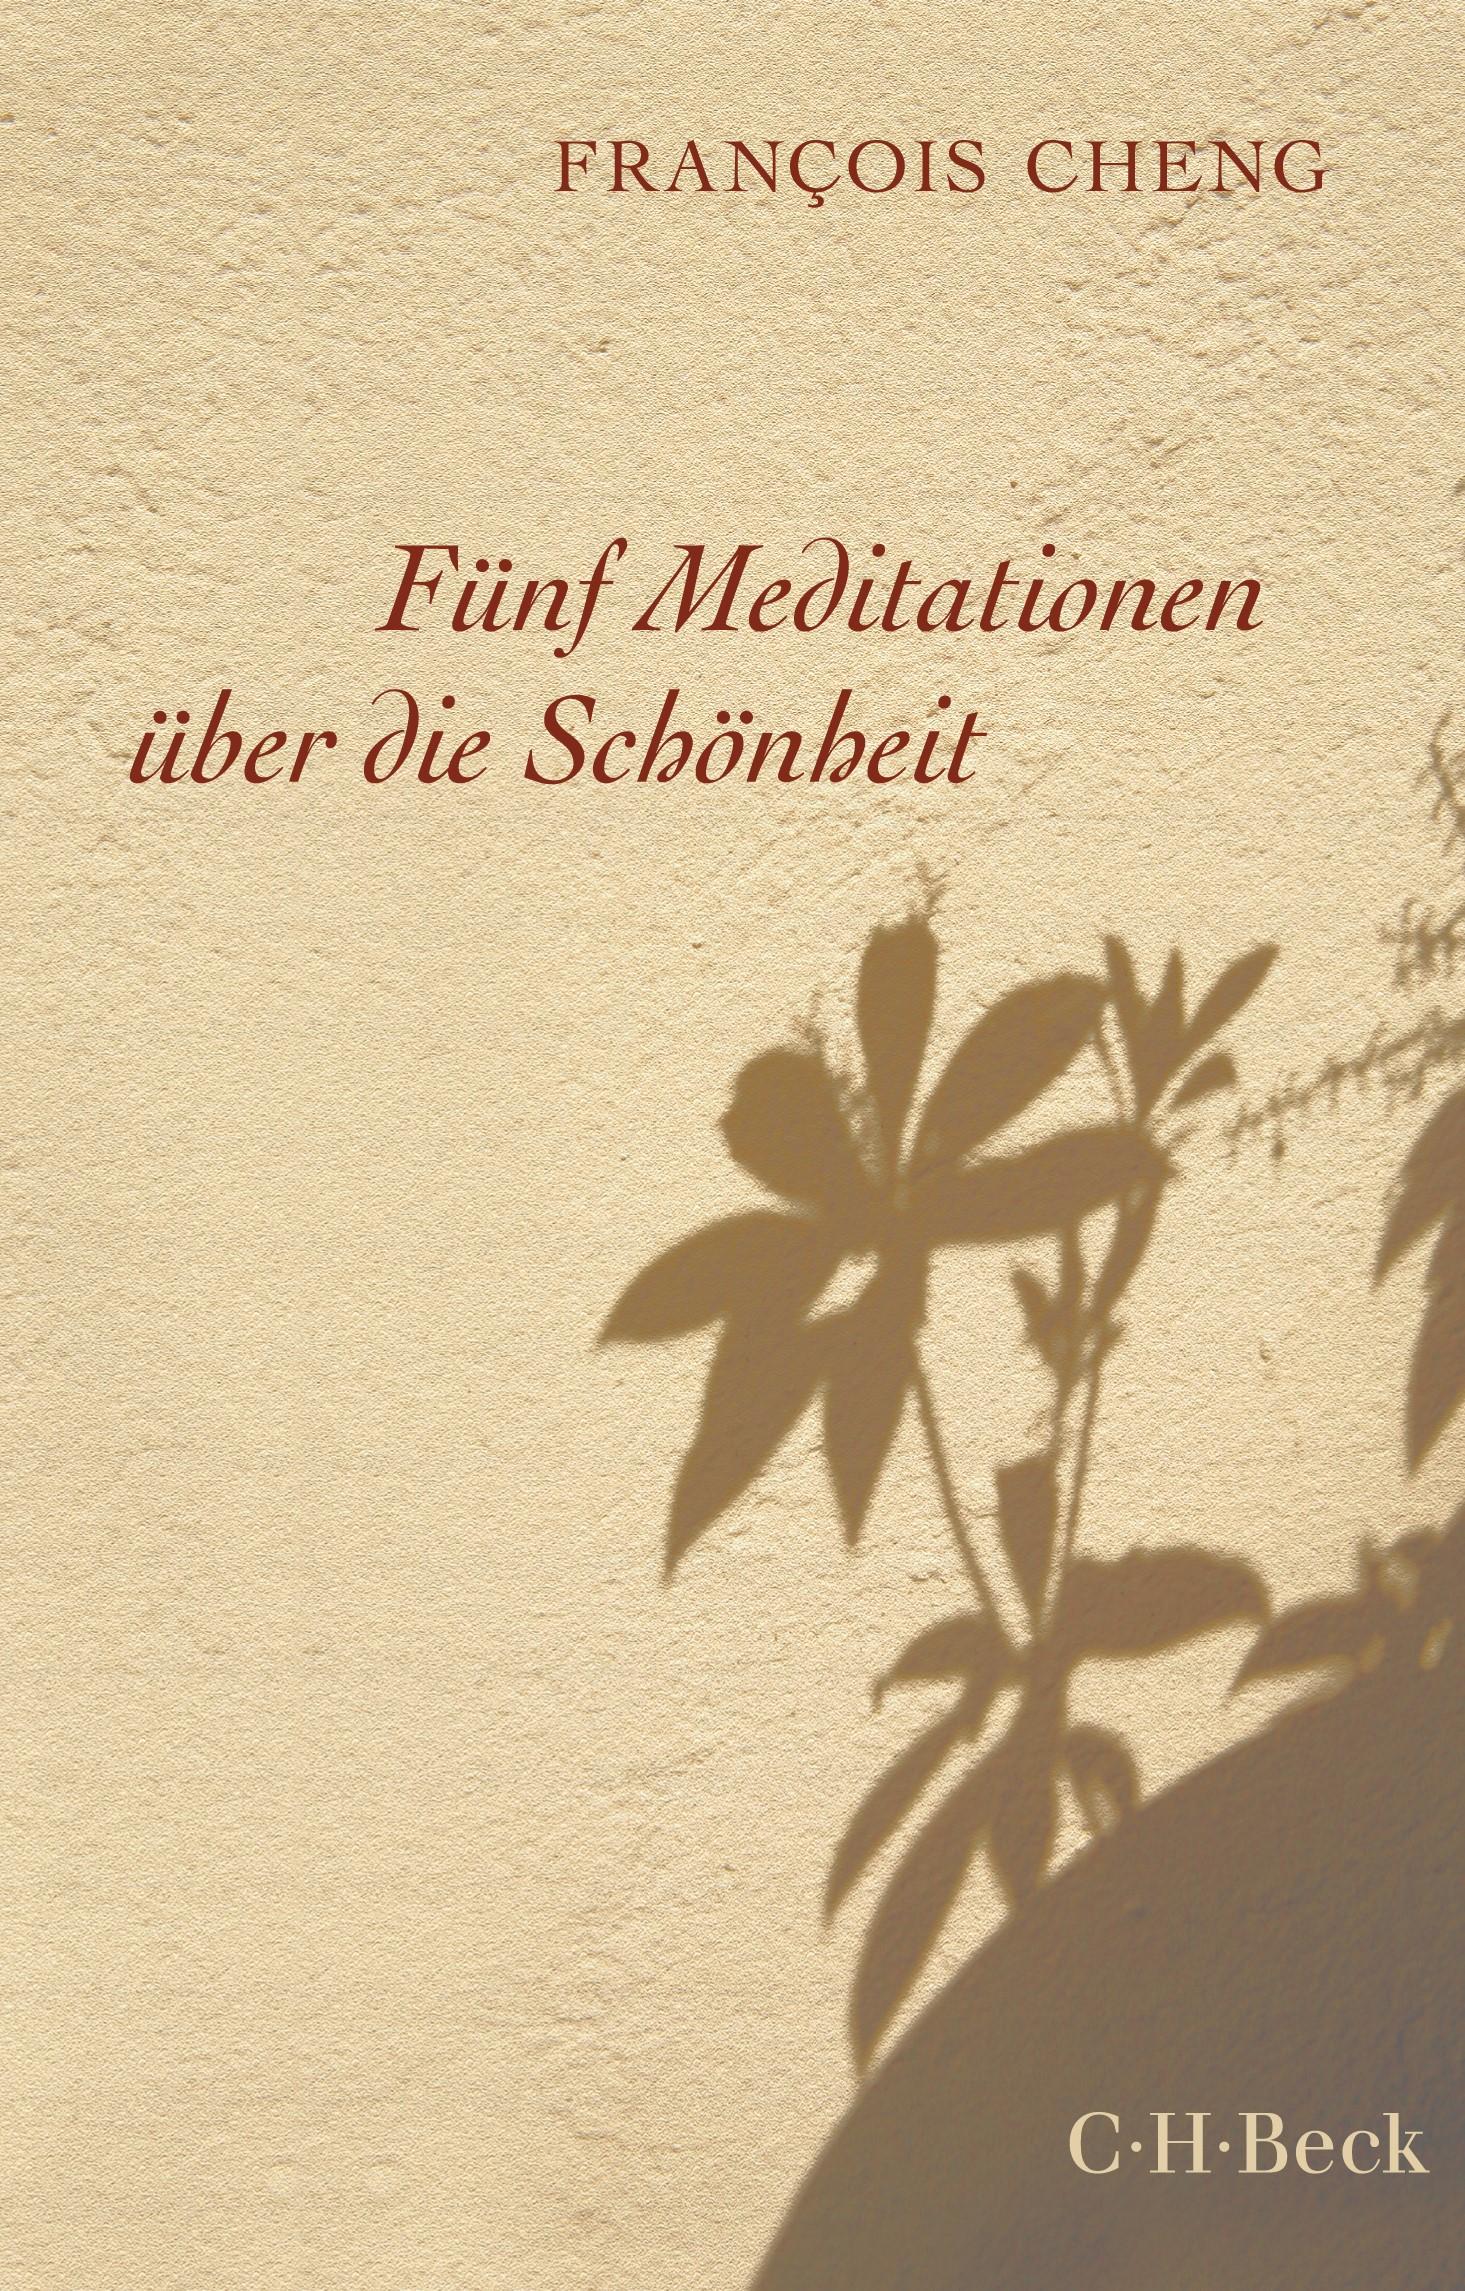 Cover des Buches 'Fünf Meditationen über die Schönheit'